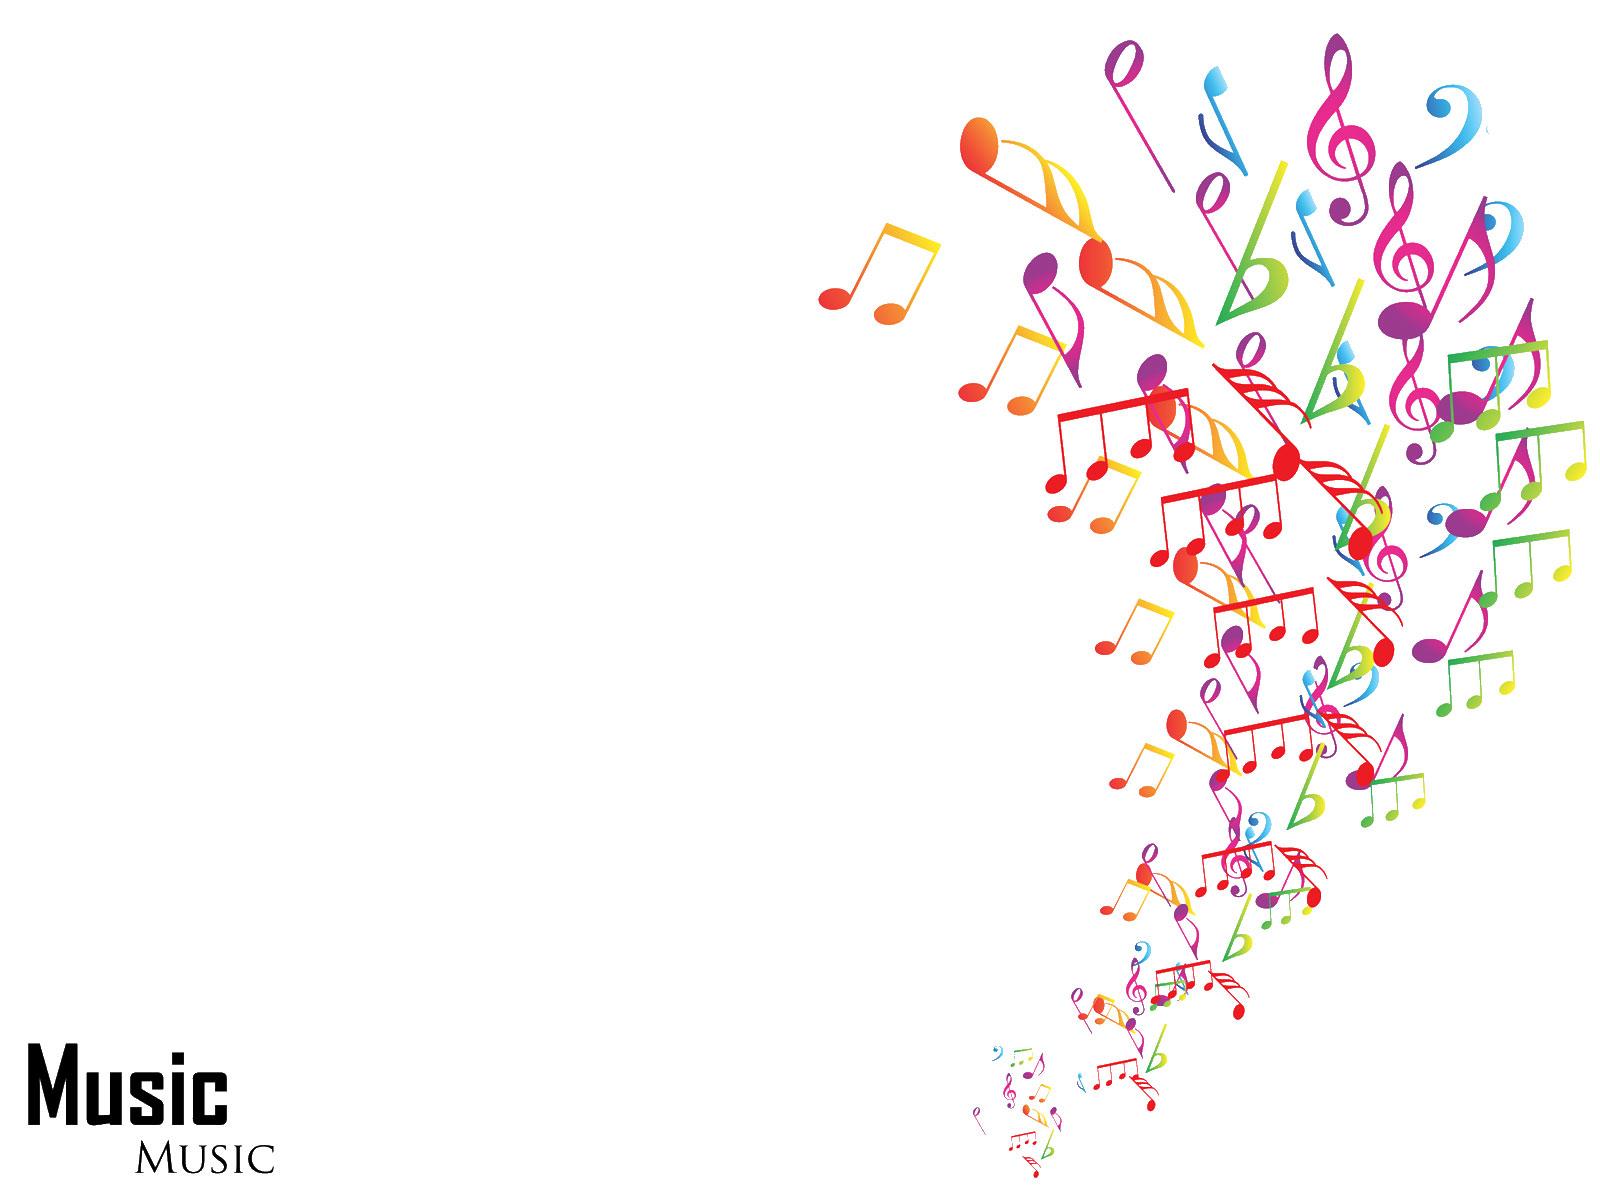 音符イラスト踊る音符 無料のフリー素材